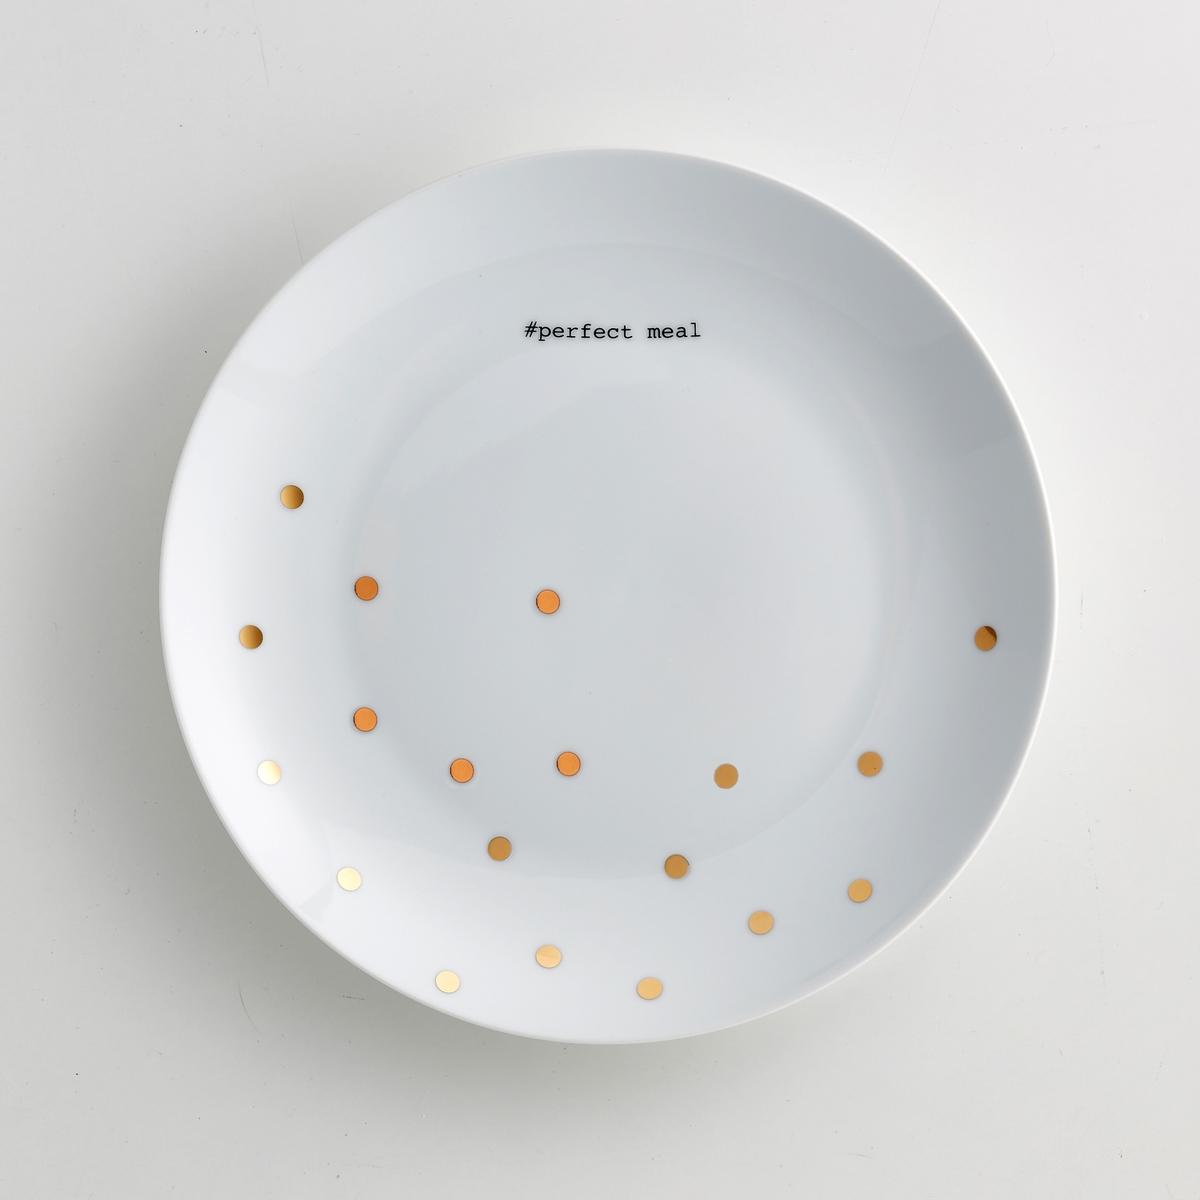 4 тарелки плоские из фарфора, Kubler4 тарелки плоские из фарфора Kubler . Рисунок в золотистый горошек с надписью perfect meal черного цвета в праздничном исполнении  .В подарочном сундучке от La Redoute Int?rieurs .Характеристики 4 плоских тарелок из фарфора Kubler :- Плоские тарелки из фарфора  - Диаметр : 26,5 см.- Не подходят для мытья в посудомоечной машине - Не подходят для микроволновой печи  - Продаются в комплекте из 4 штук в подарочном сундучке        Найдите комплект посуды из фарфора Kubler<br><br>Цвет: в горошек